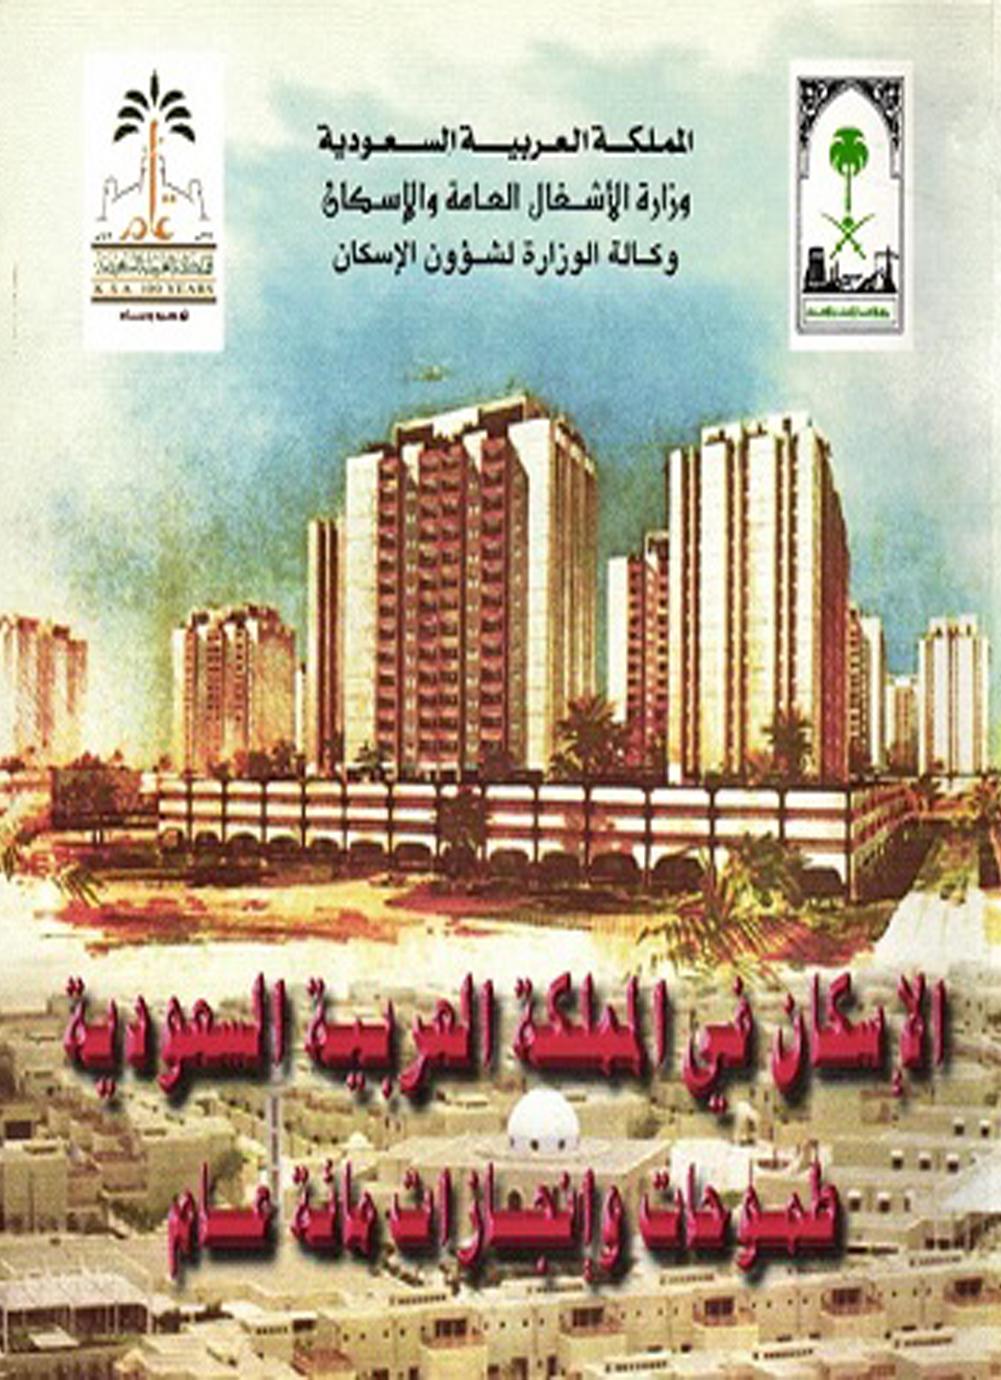 الاسكان في المملكة طموحات وانجازات مائة عام